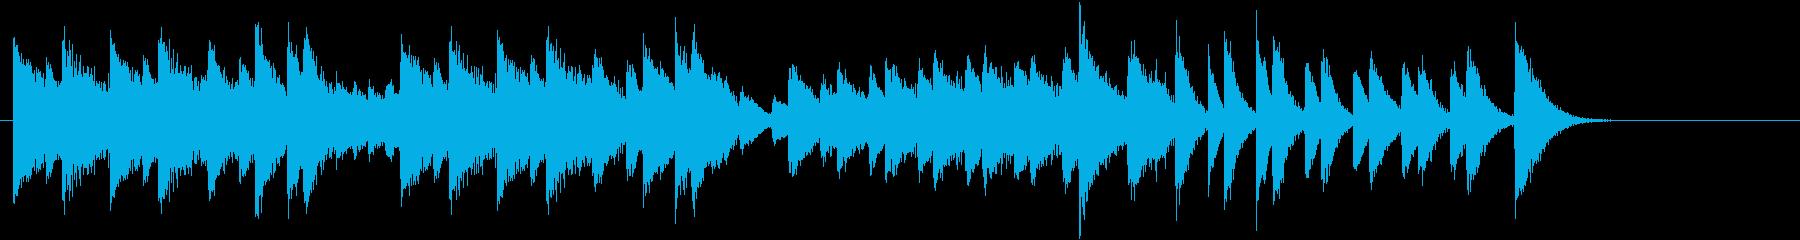 節分!鬼のパンツモチーフピアノジングルDの再生済みの波形